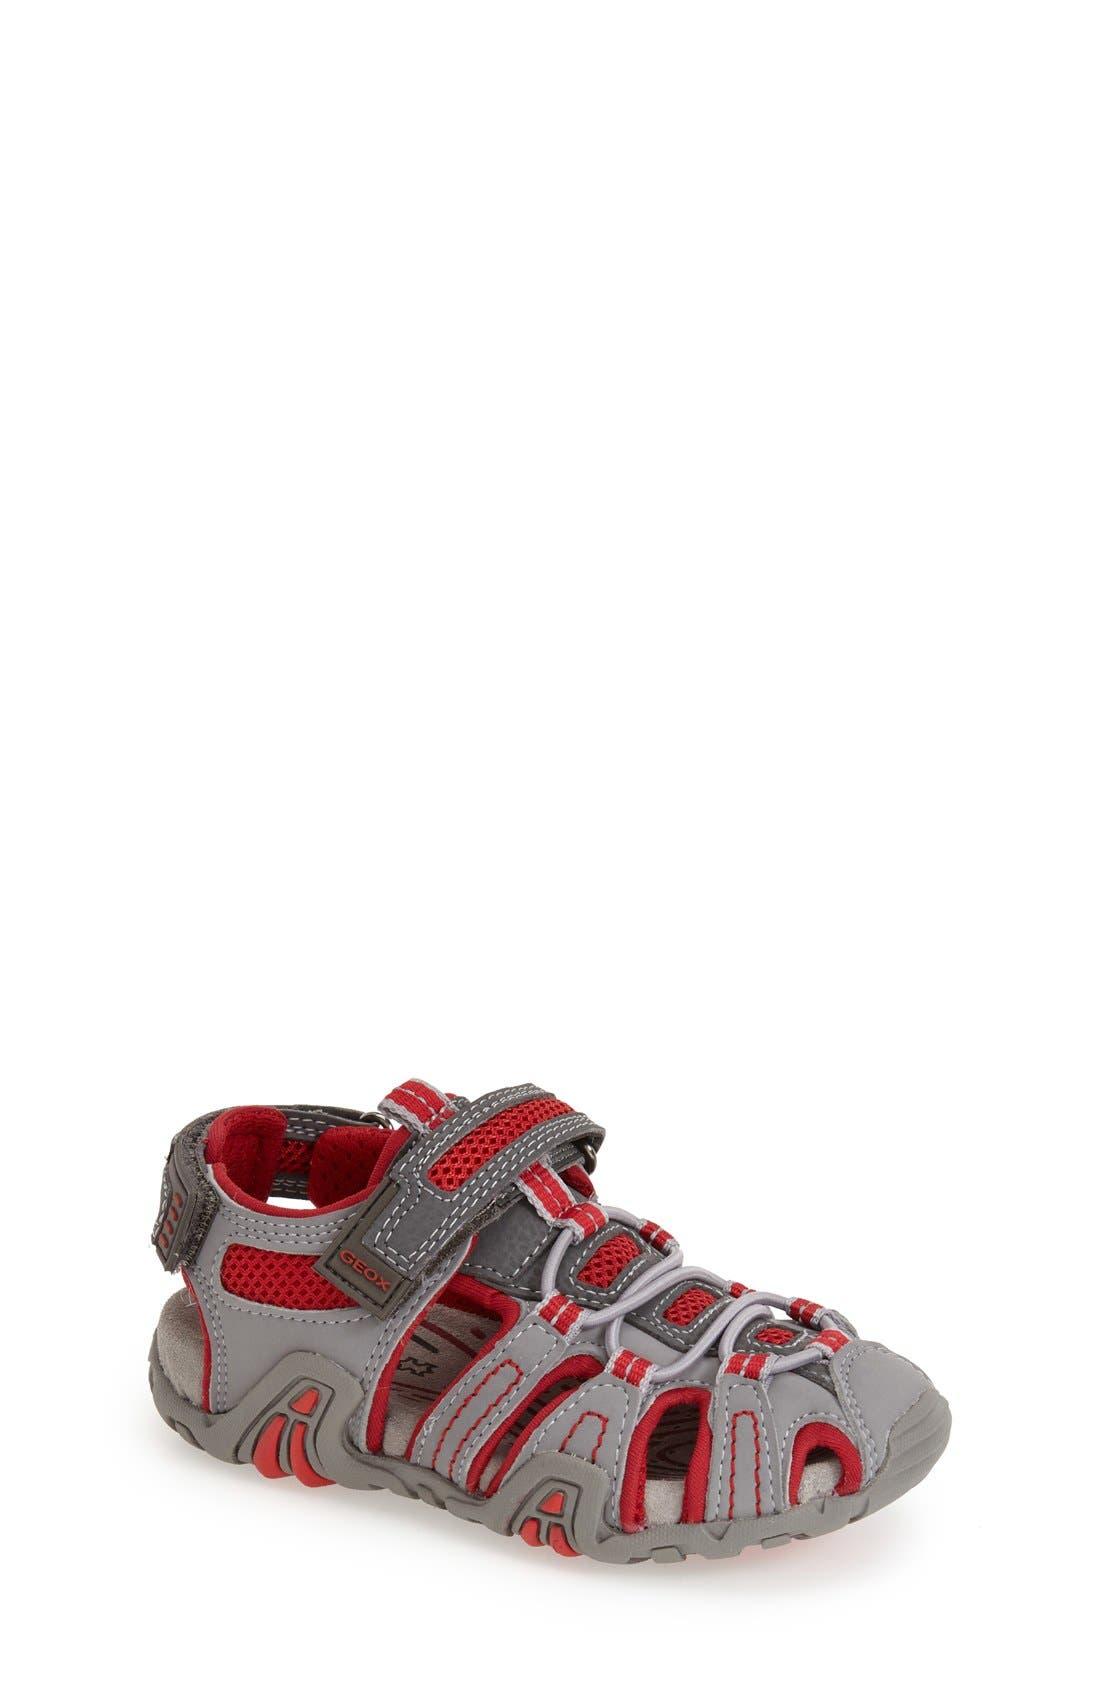 Geox 'Jr Kraze 30' Sandal (Toddler & Little Kid)